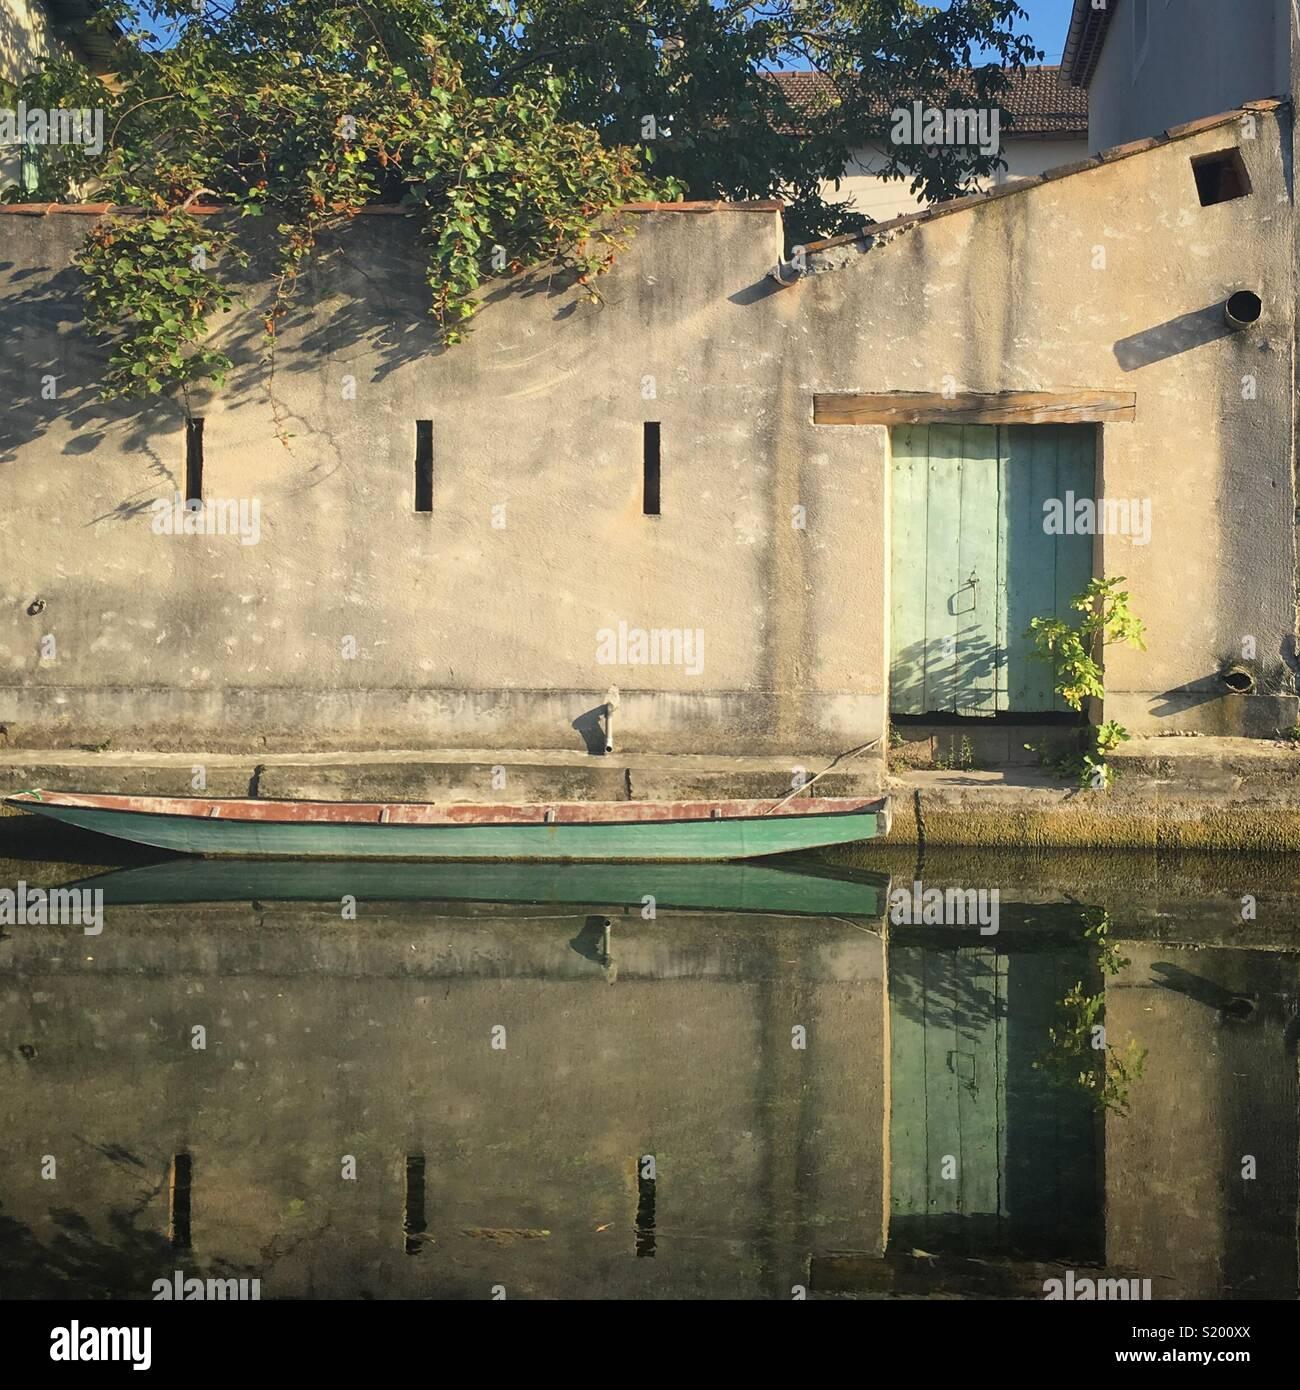 Un bateau sur l'eau calme à l'Isle sur la Sorgue, Provence, France Photo Stock